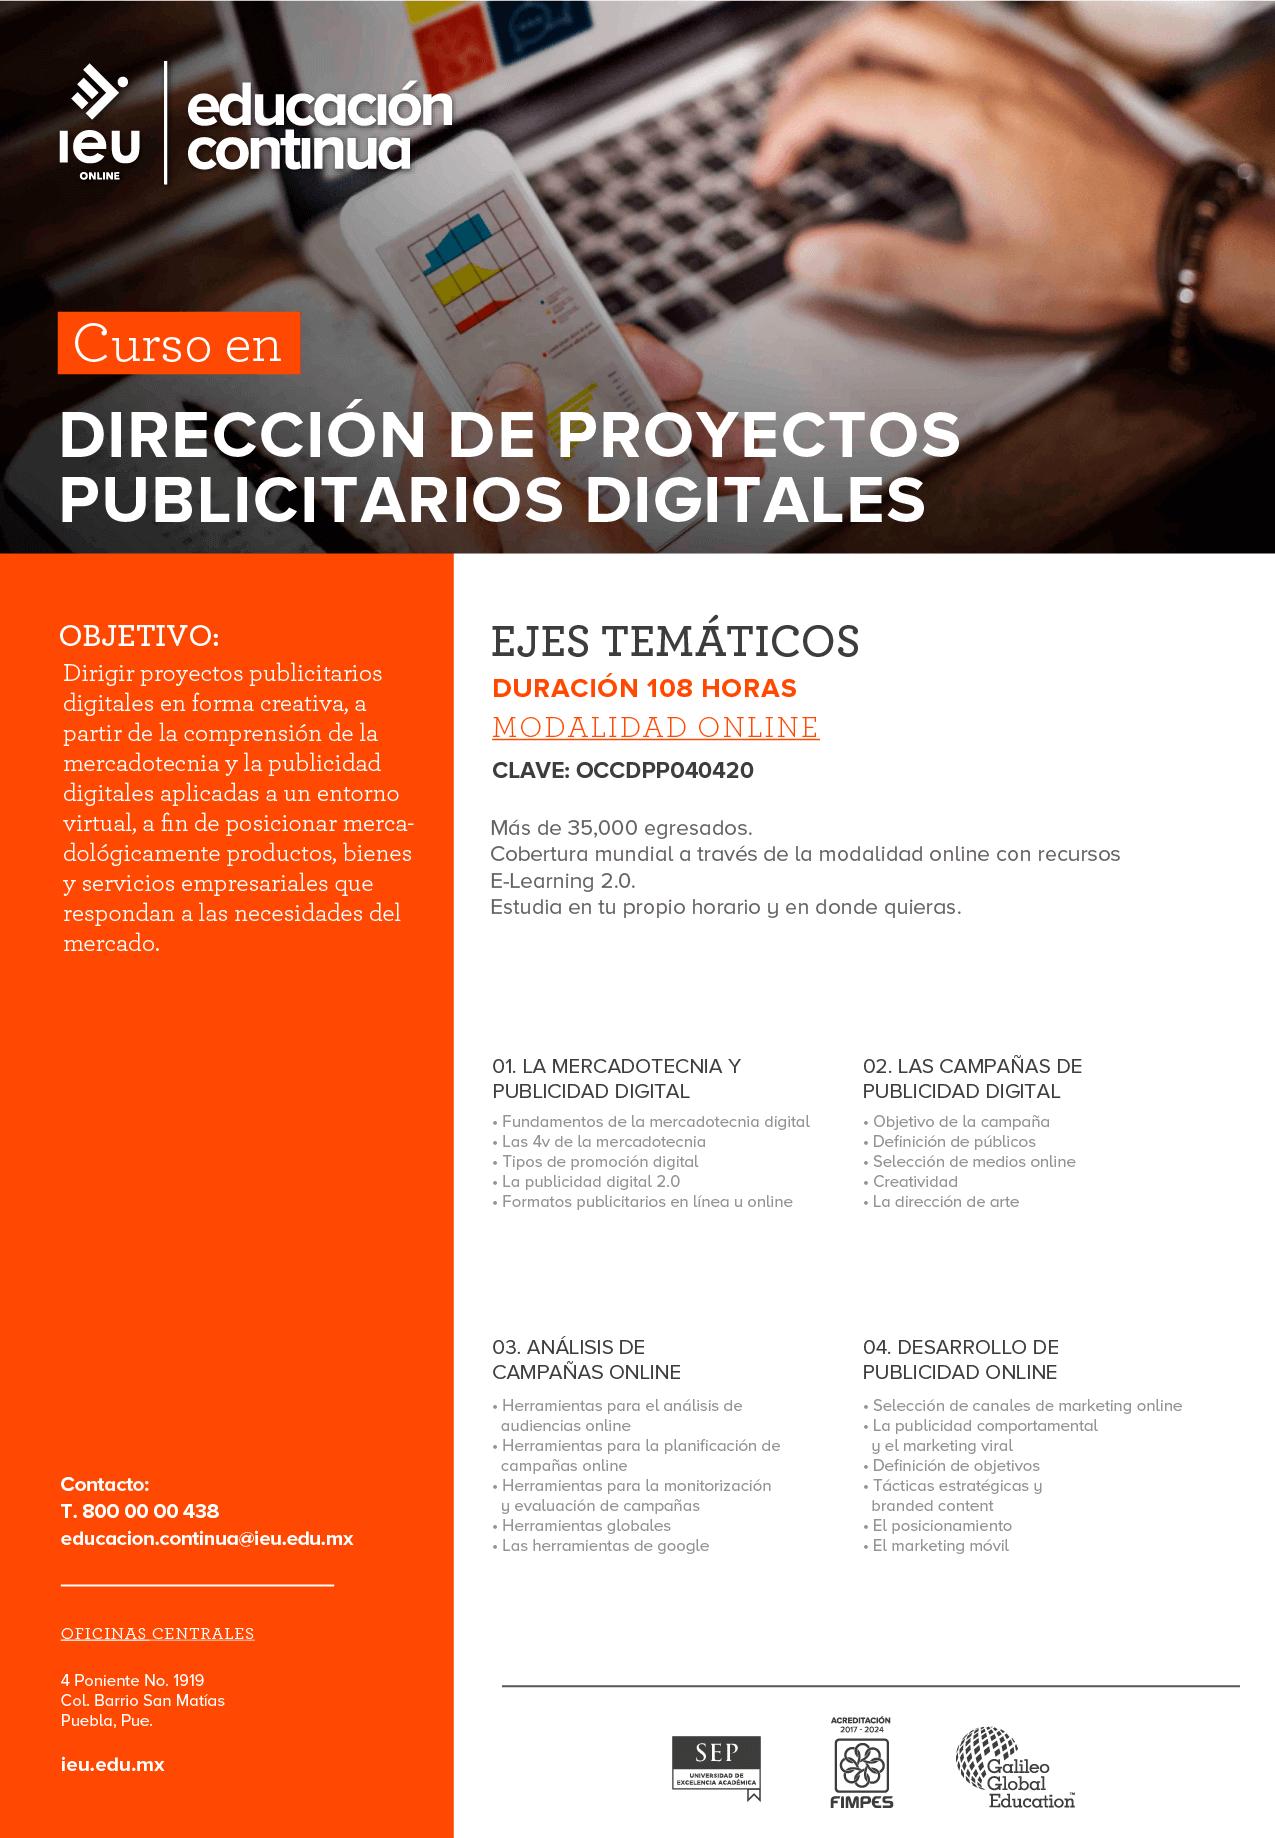 Dirección de proyectos publicitarios digitales